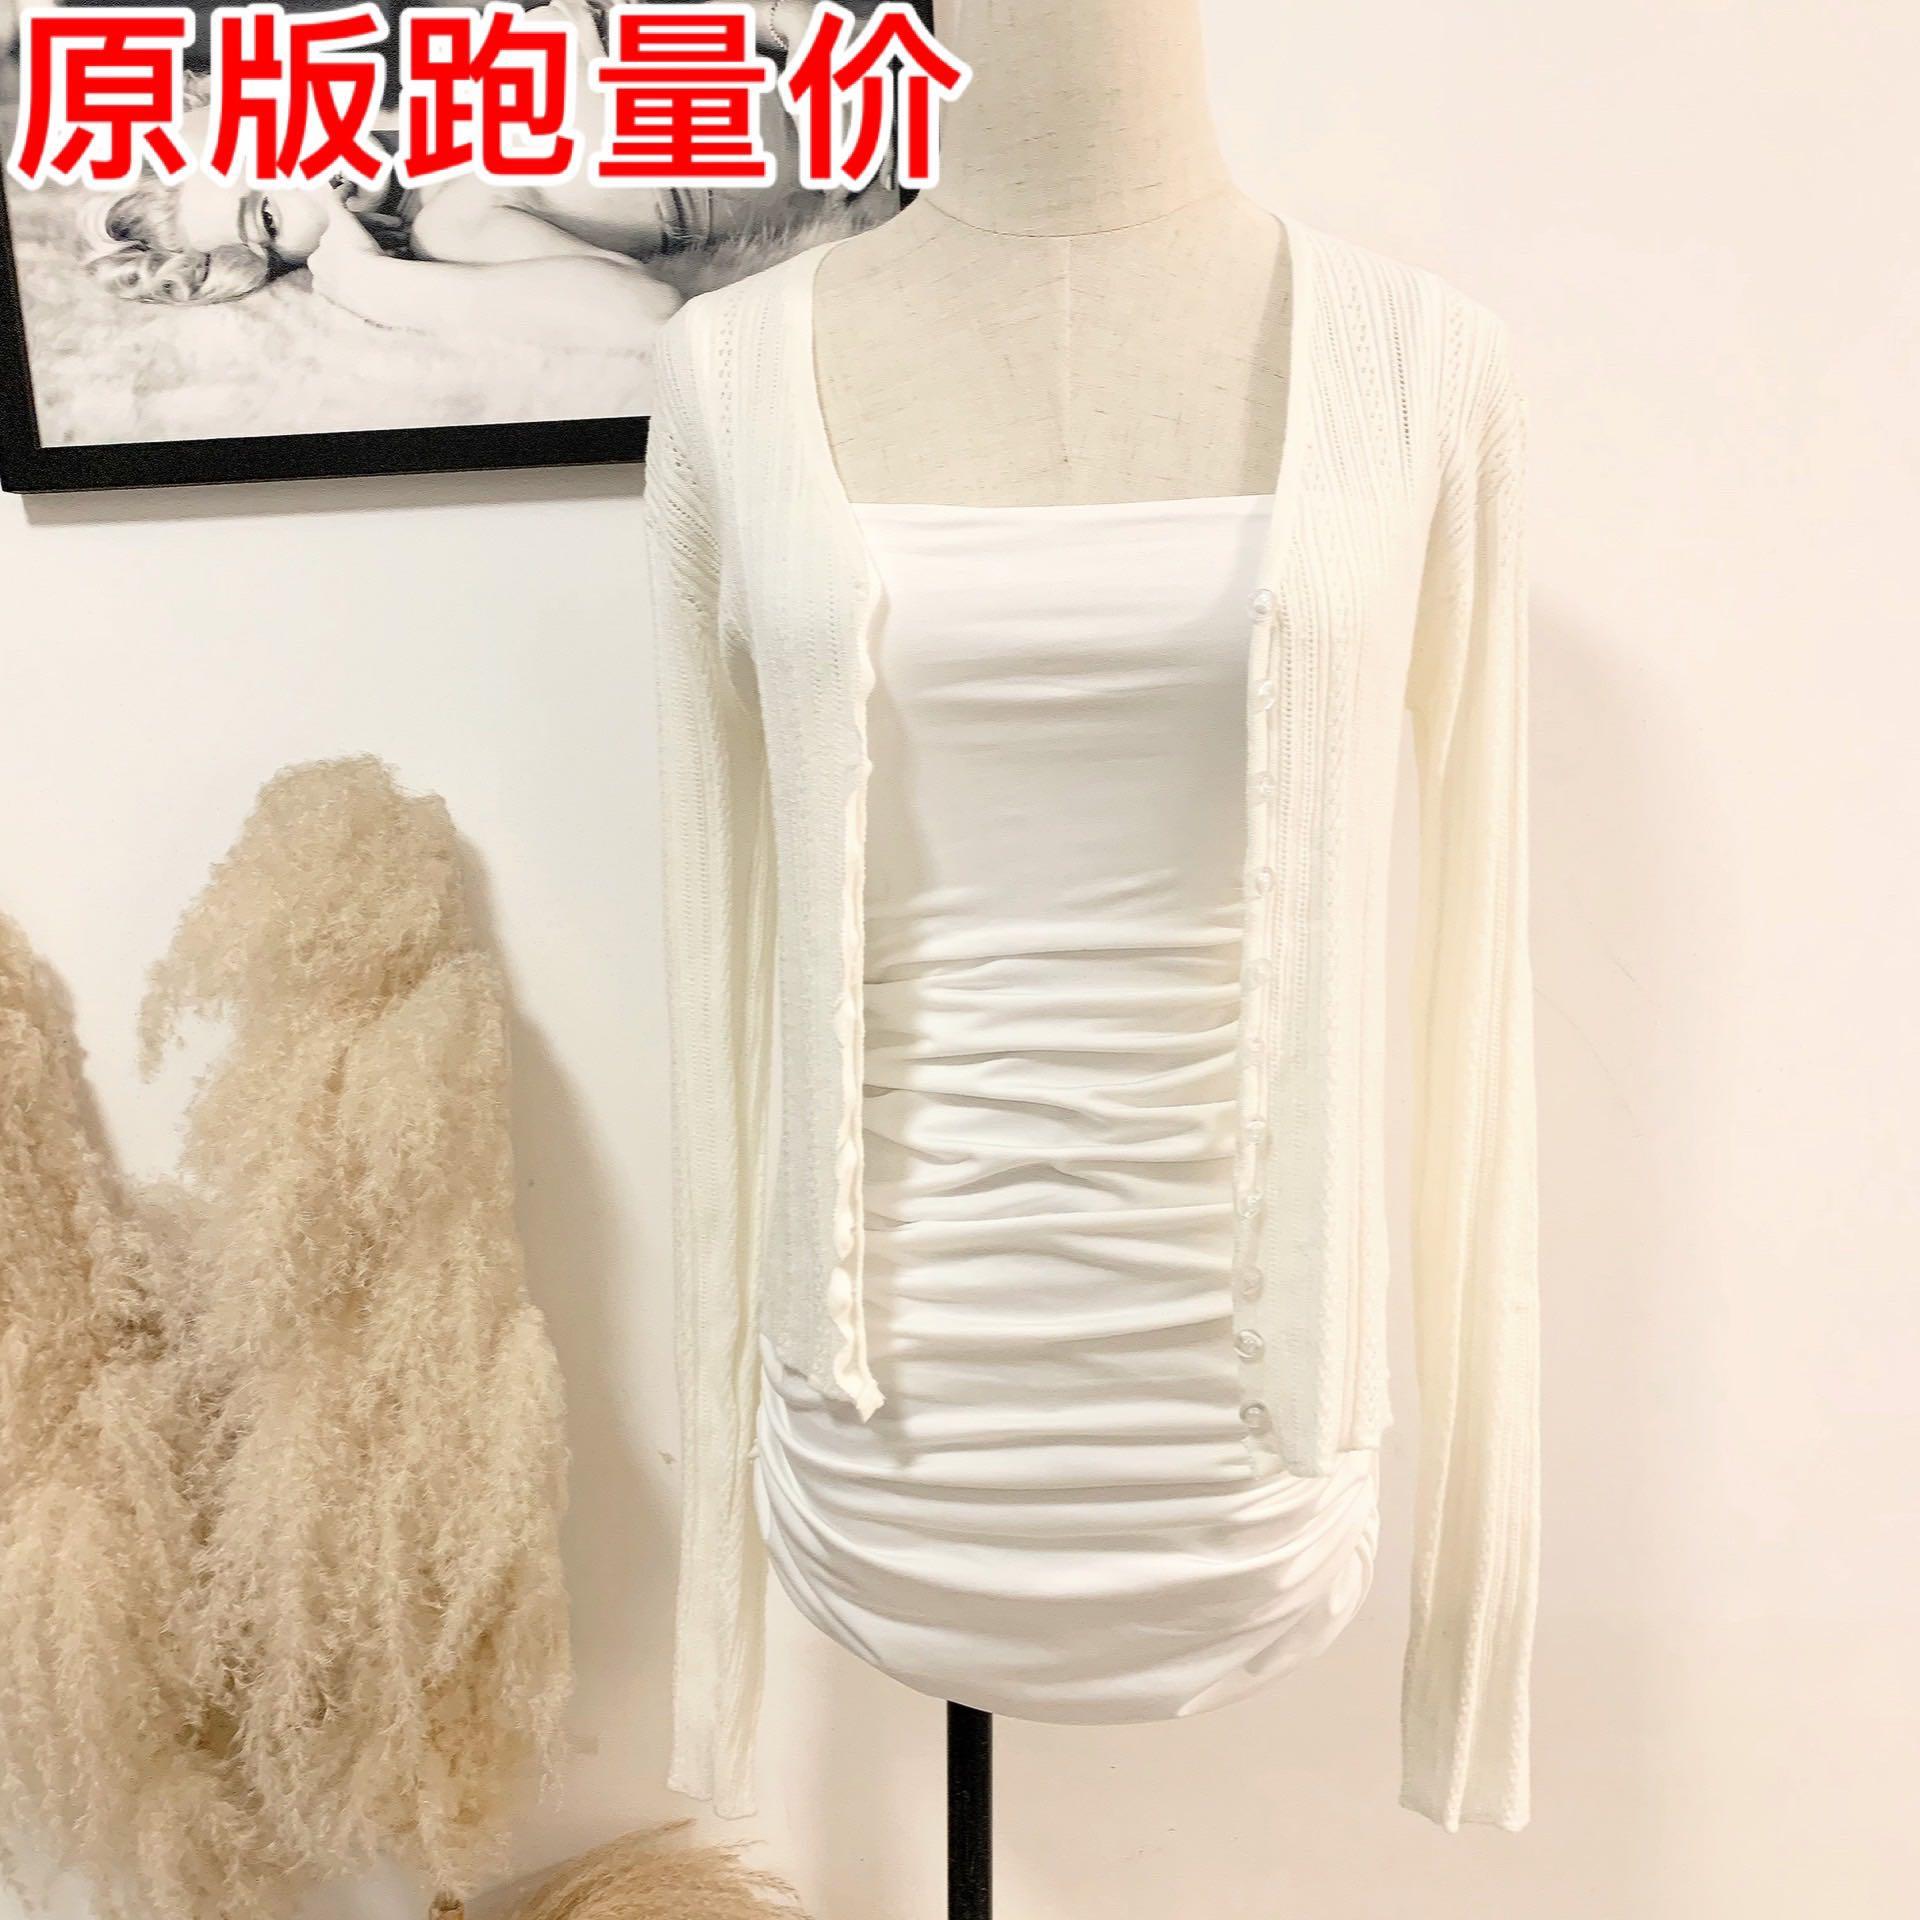 针织衫 NINASTUDIO  白白的温柔少女系 轻薄针织衫 开衫 防晒衫 上衣_推荐淘宝好看的女针织衫